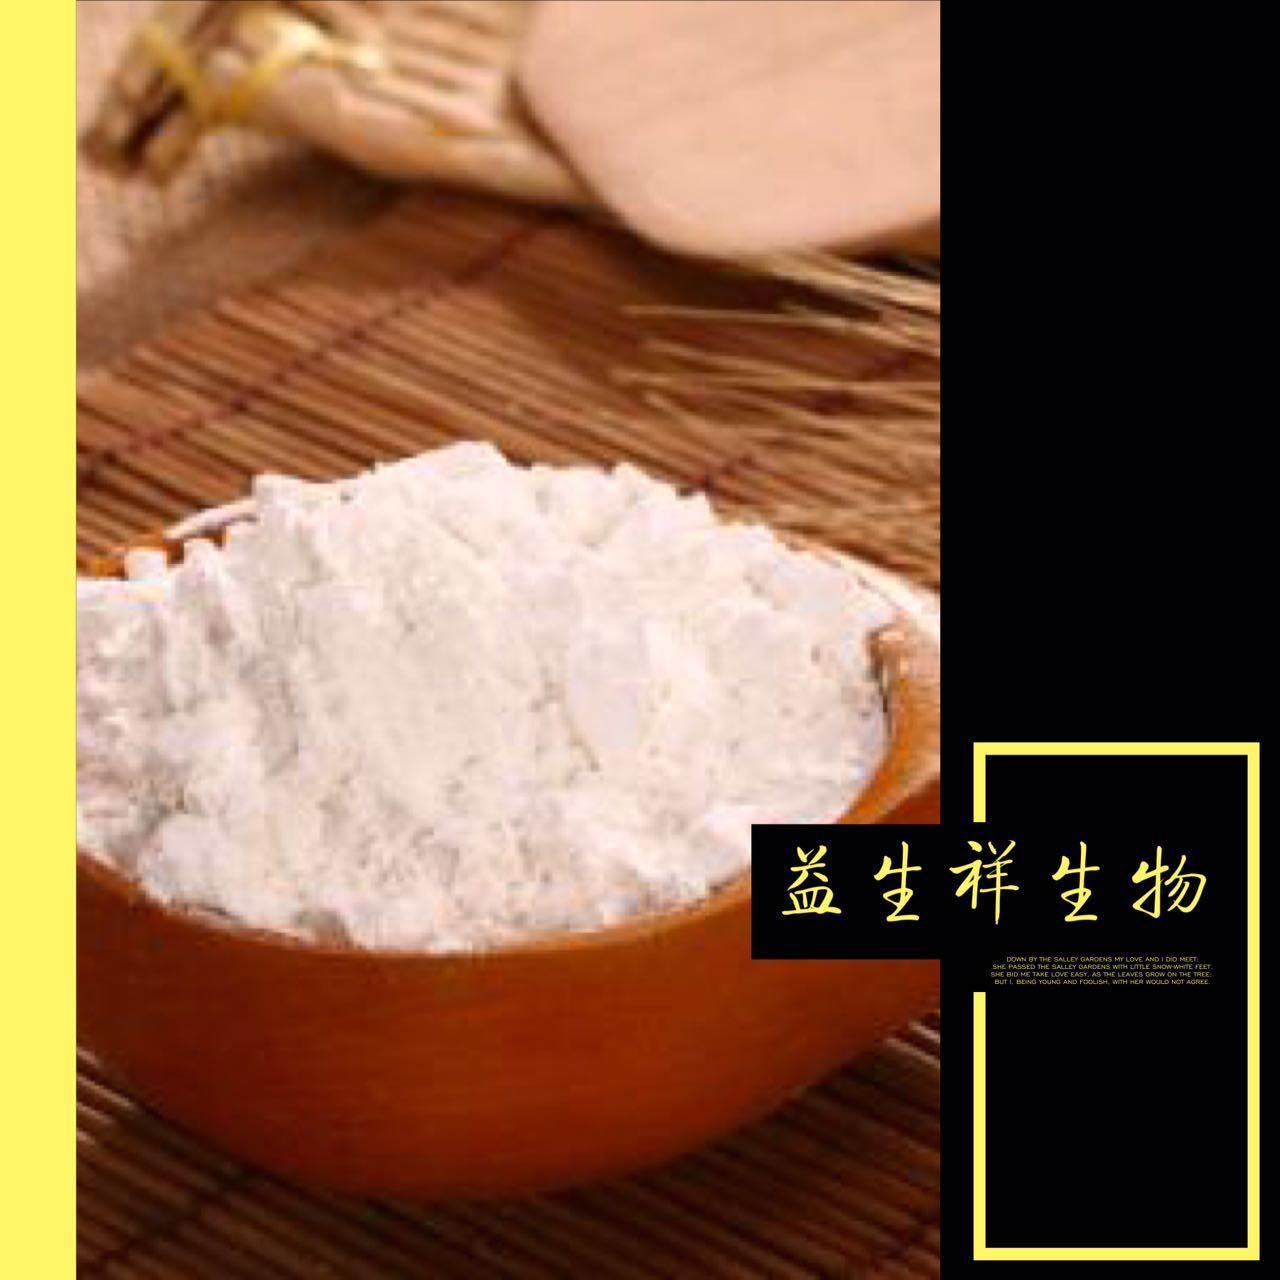 700g水磨糯米粉 膨化熟糯米粉 烘焙面粉原料